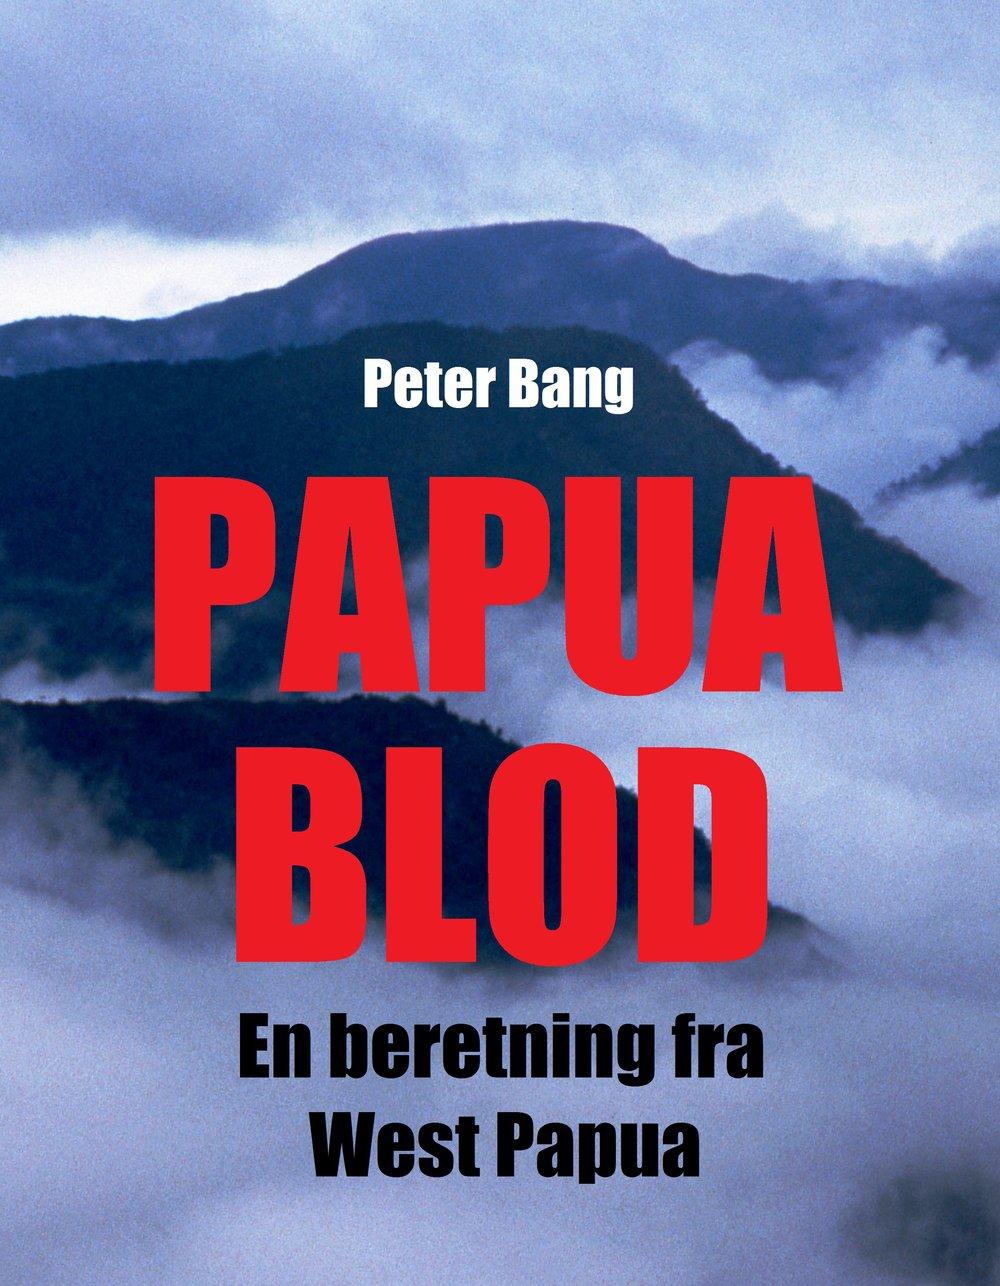 Peter Bang:PAPUA BLOD-En beretning fra West Papua - Høj format 17 x 22 cm. 248 sider. 200 farvefotos. Udgivet 2018 / Remote Frontlines.Pris: kr. 298,-